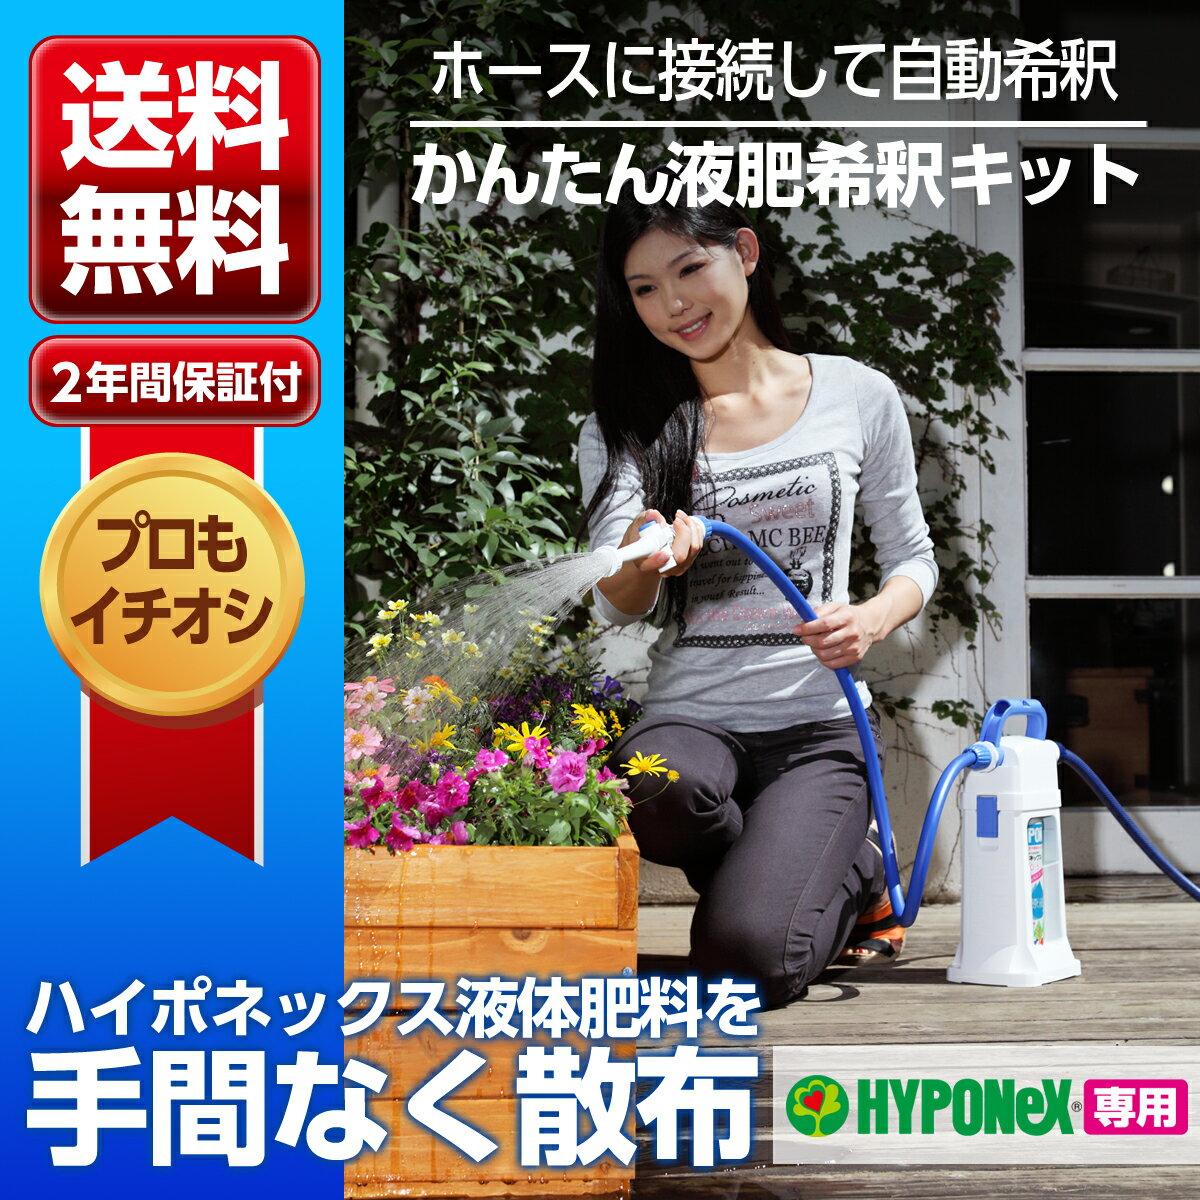 1,500円OFFセール実施中! ハイポネックス タカギ コラボ商品 かんたん液肥希釈キット 液肥 散布 GHZ101N41 送料無料 安心の2年間保証